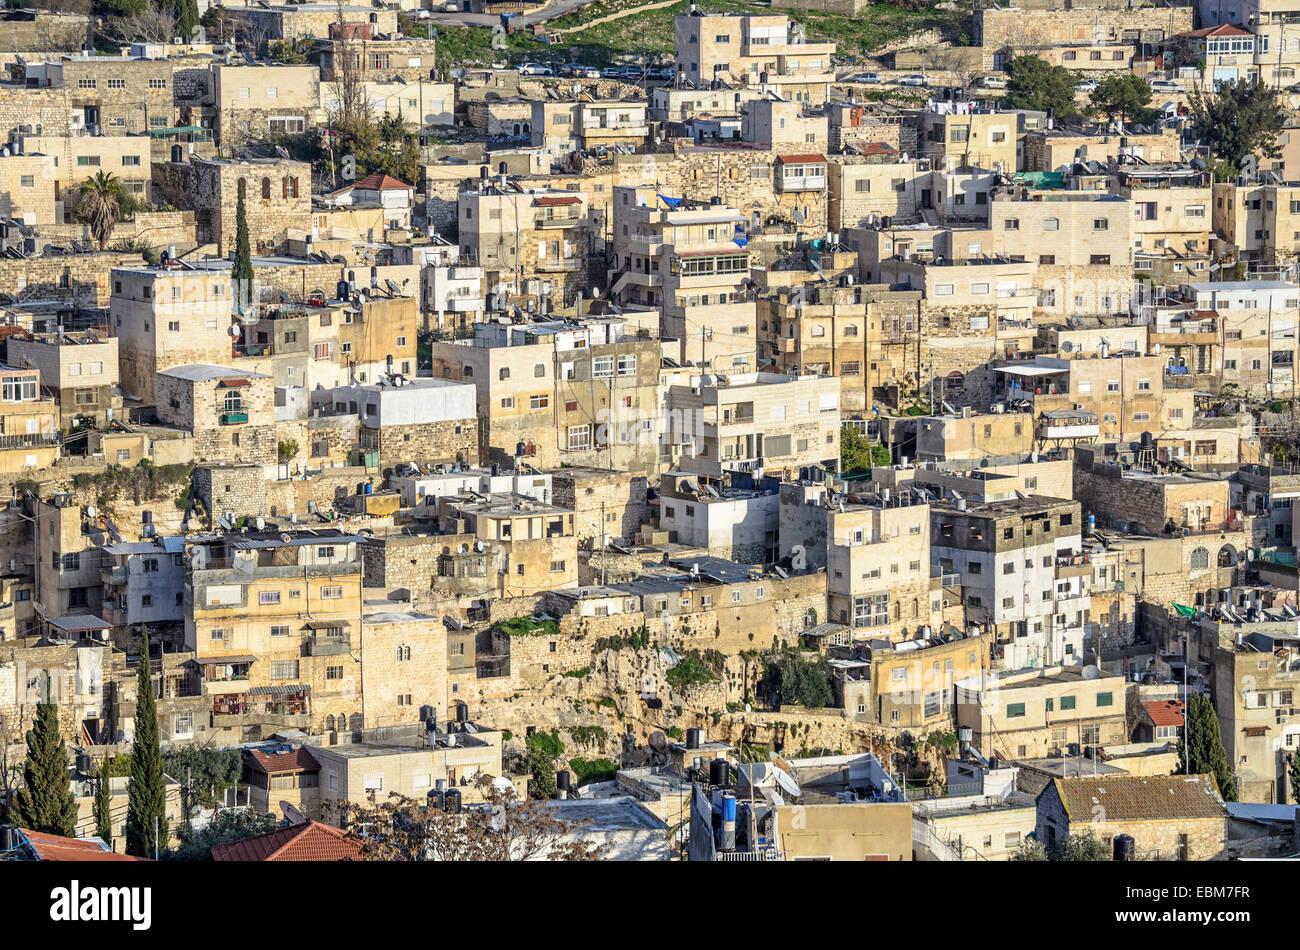 Gerusalemme, Israele case di collina nei pressi della città vecchia. Immagini Stock